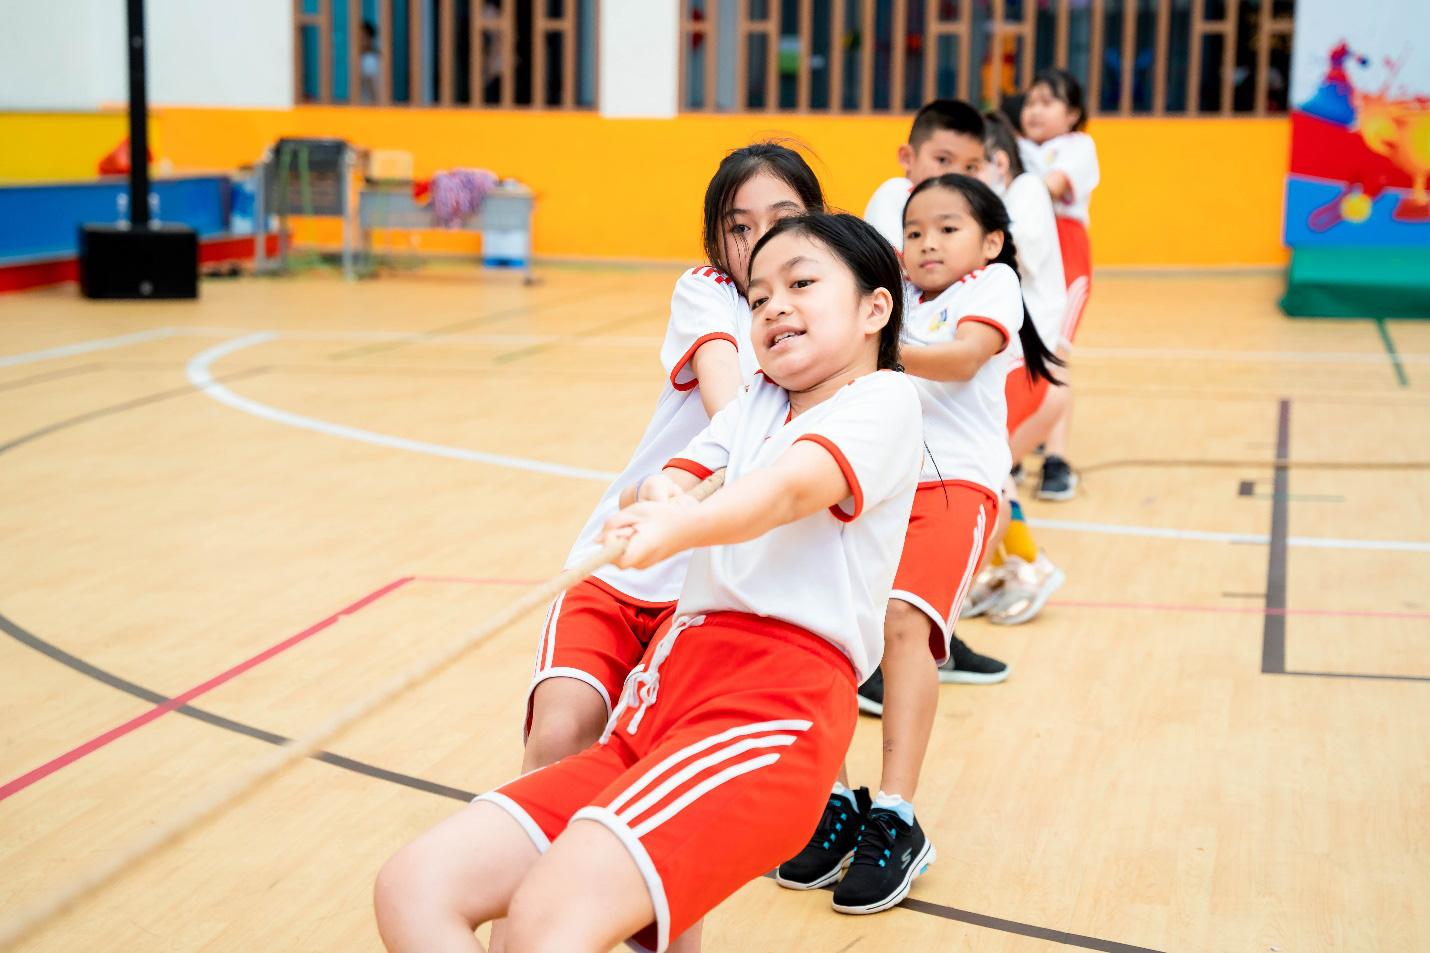 """Bồi đắp một thế hệ trẻ khoẻ thể chất và """"fair play"""" từ các sân chơi thể thao học đường - Ảnh 2."""